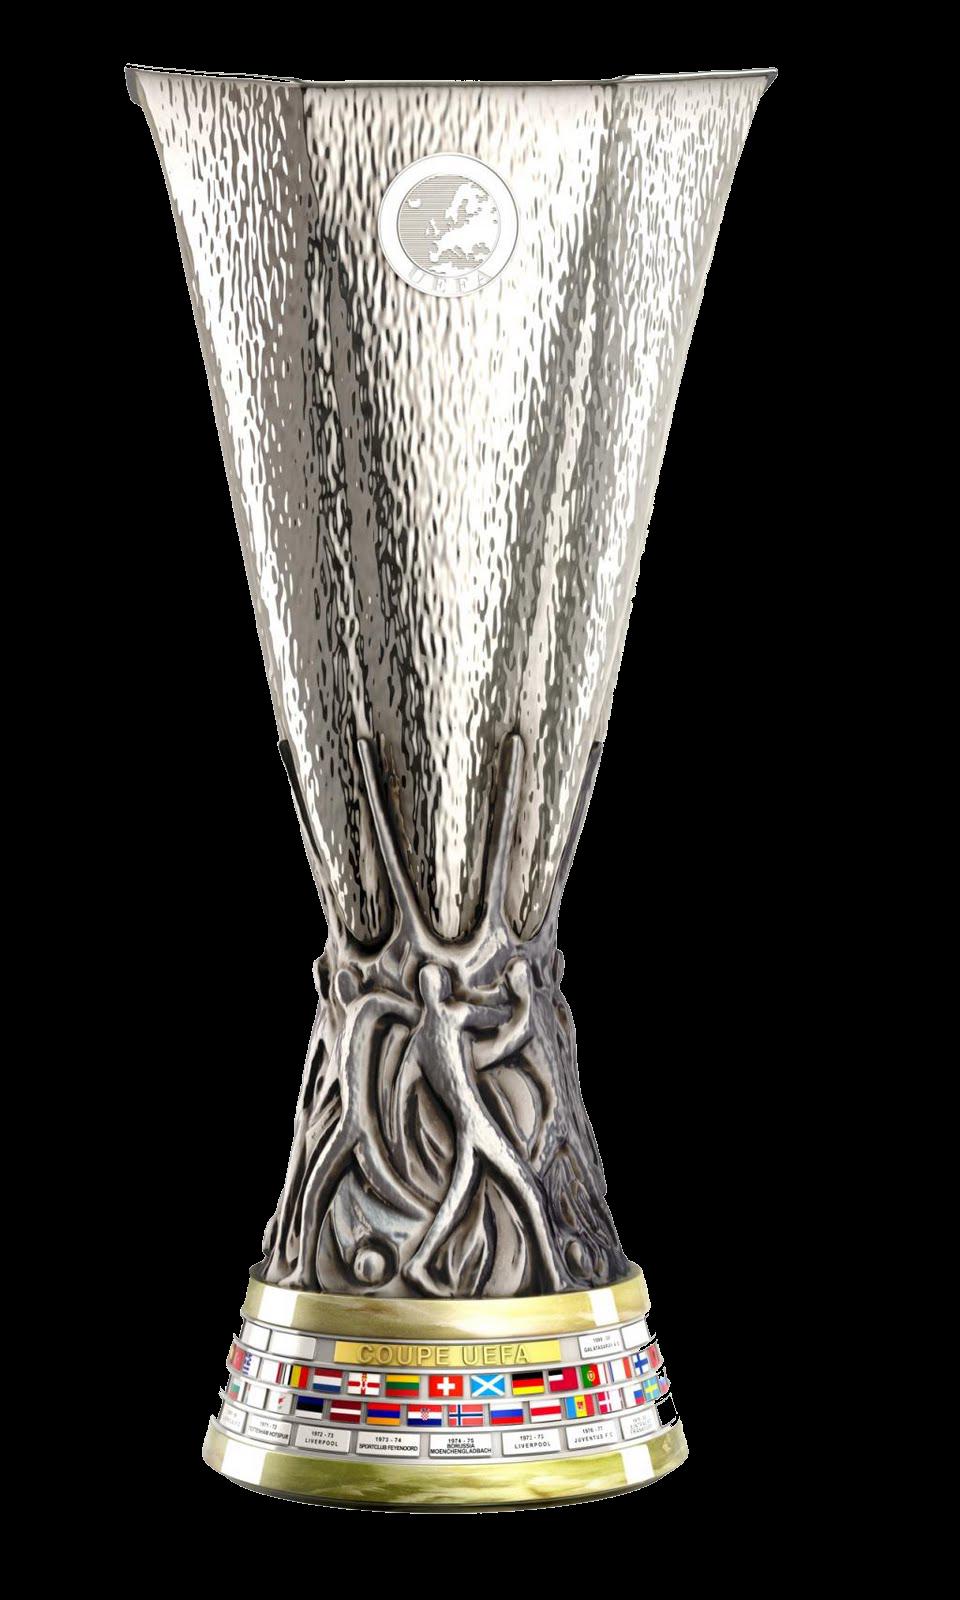 Europa cup vinnare